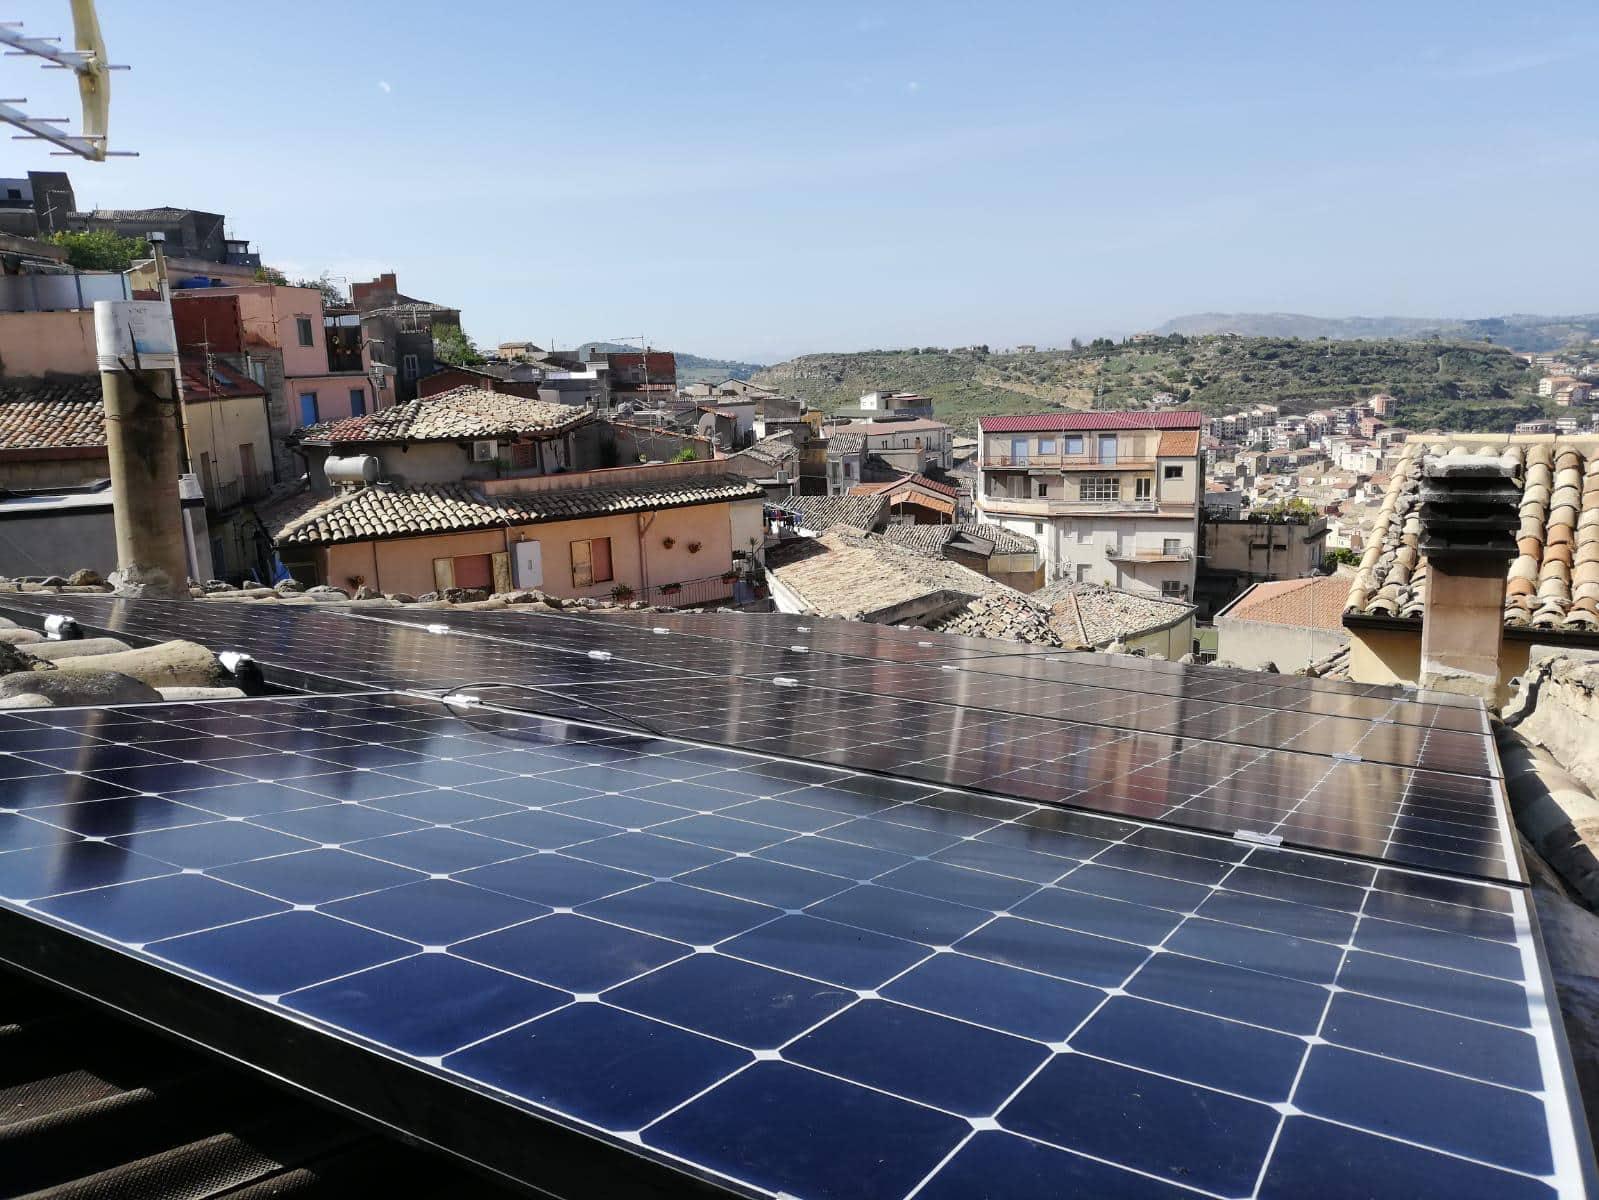 Energia Solare In Sicilia tecnologie solari sicilia, fotovoltaico